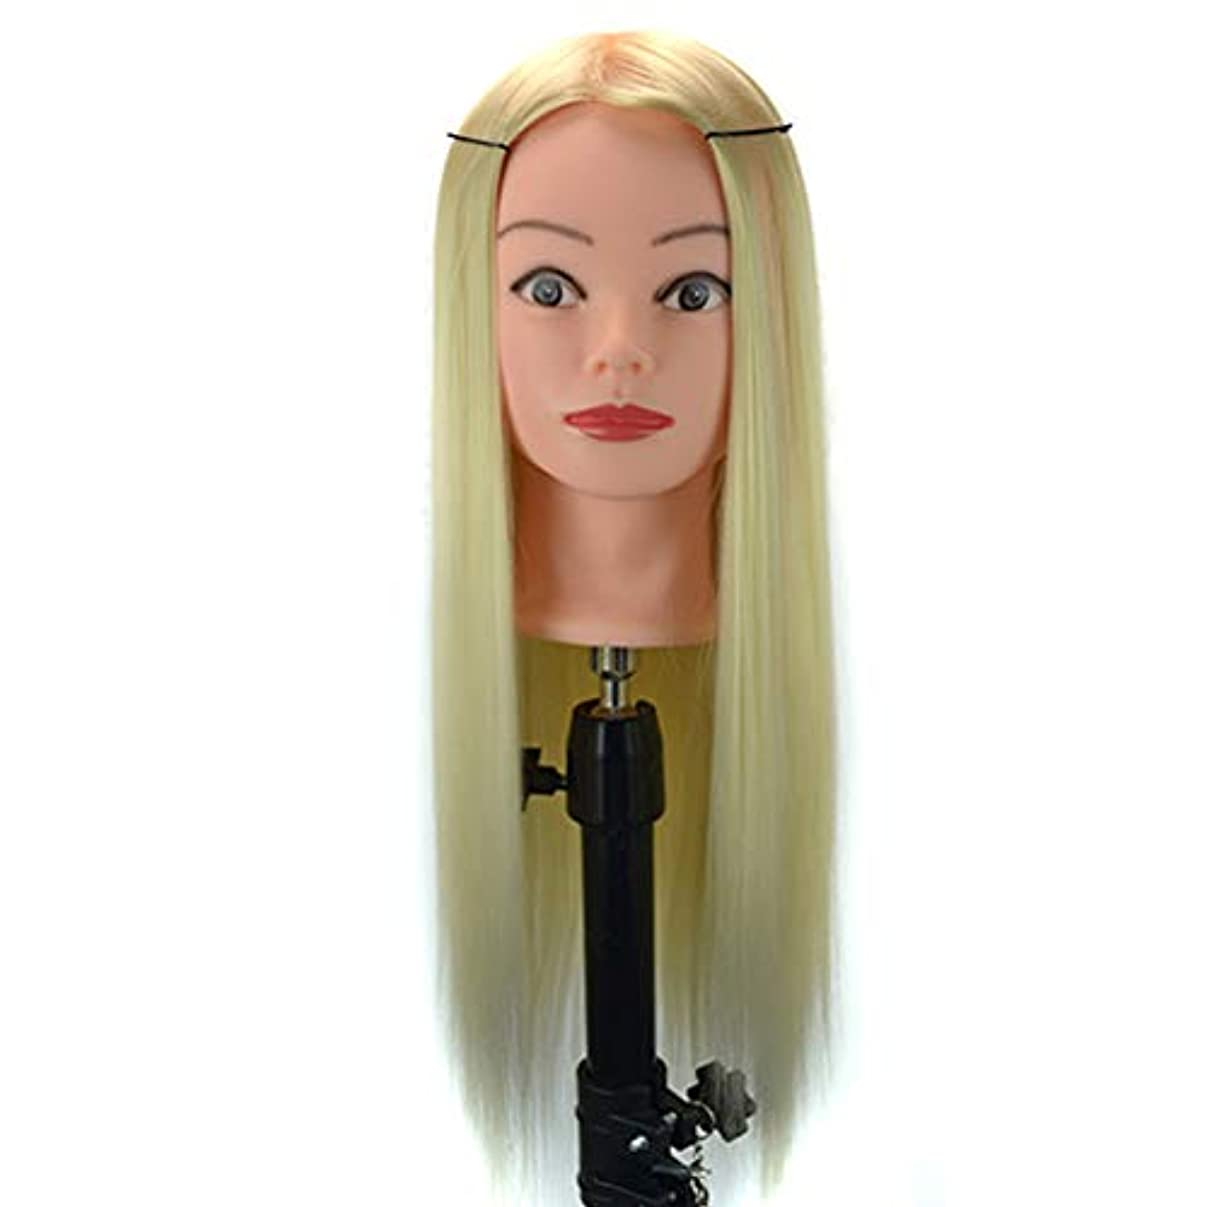 農場前むちゃくちゃ高温ワイヤートレーニングヘッド理髪マネキン人形ヘッドメイクプレートヘアー練習帽子ジュエリーディスプレイヘッド金型,offwhite